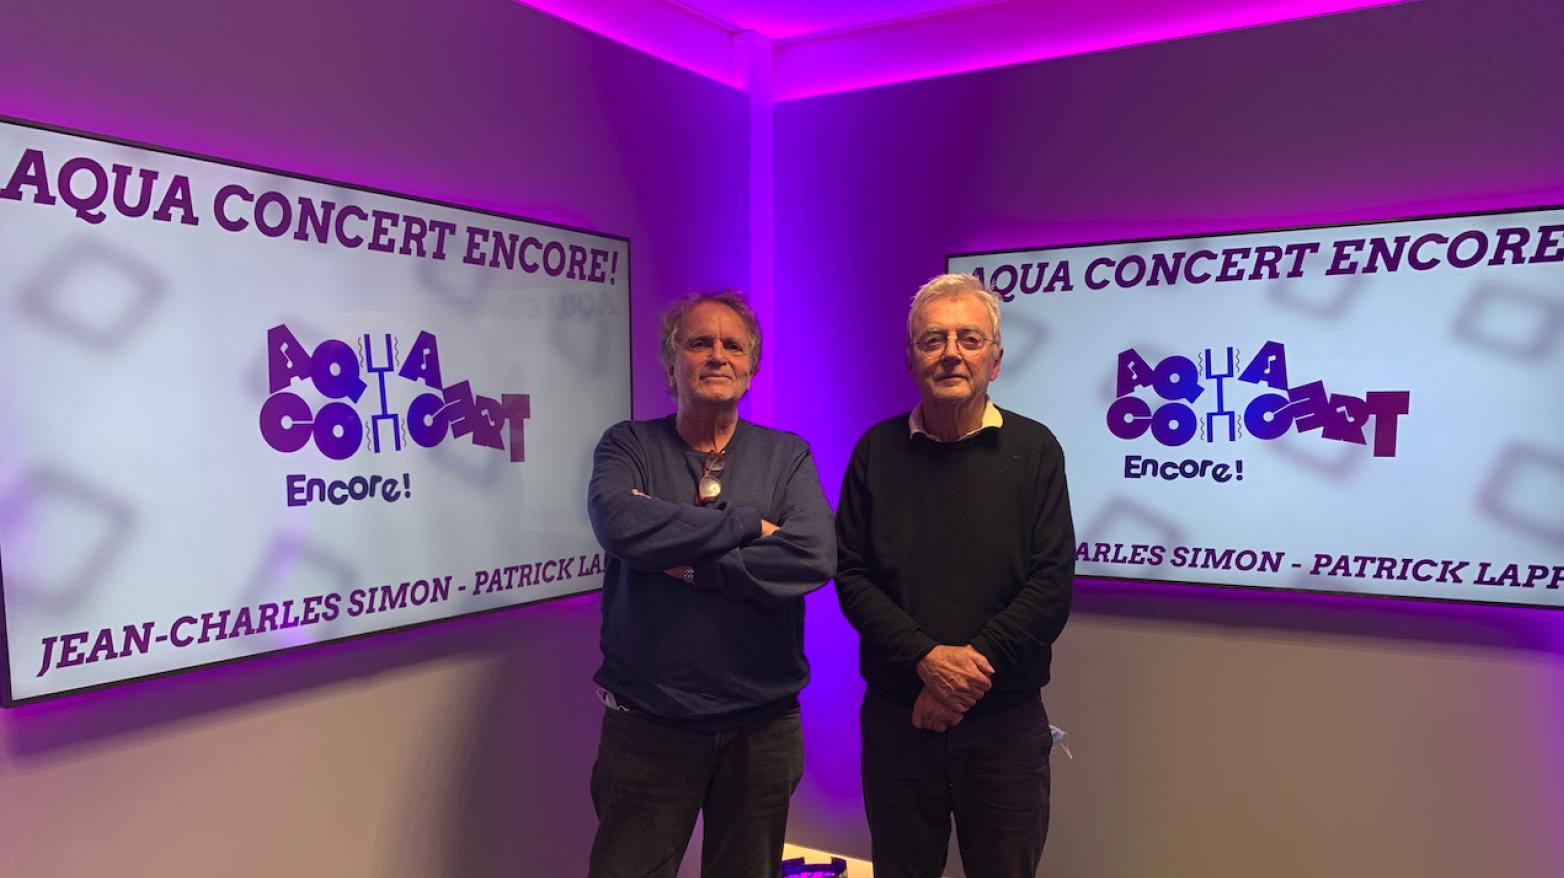 Suisse : une émission culte sur LFM